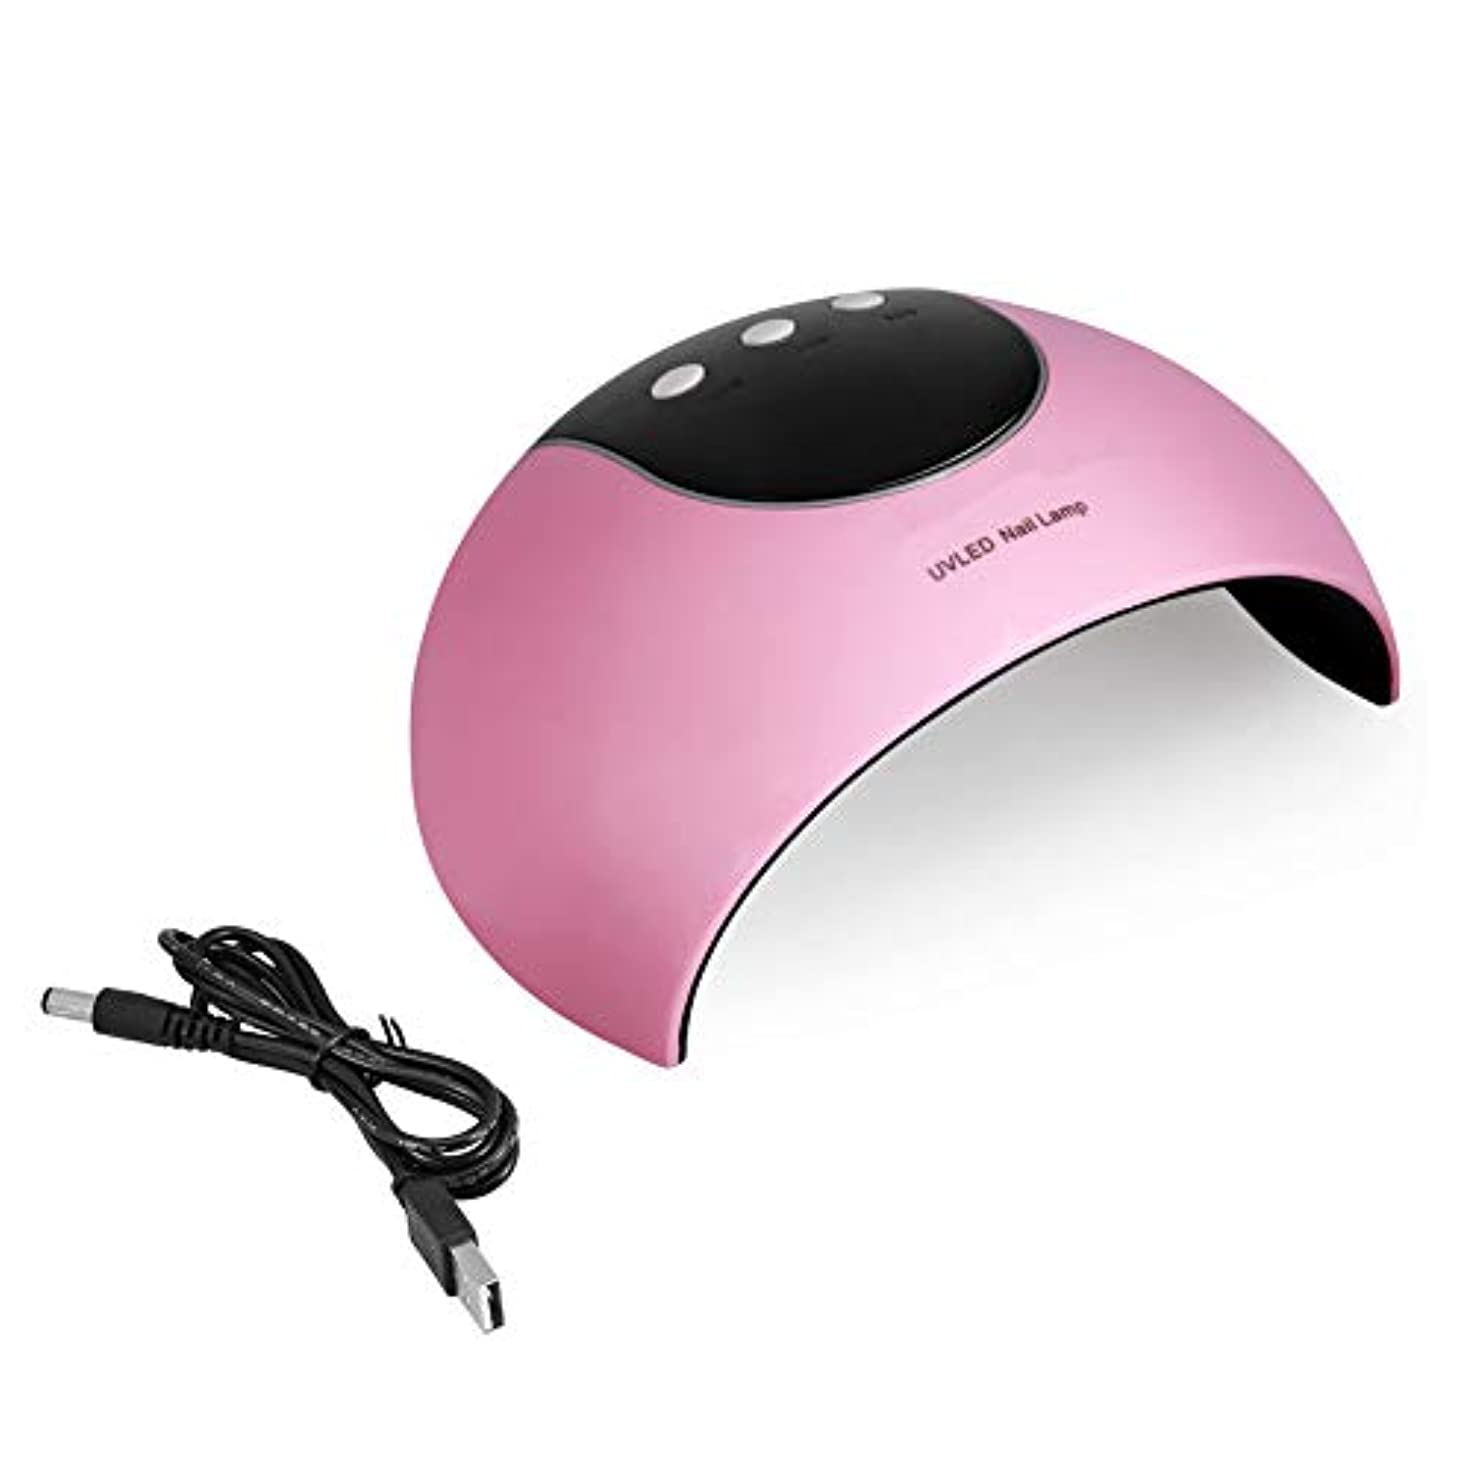 モーテルチューリップ抜け目がないUVネイルランプ - 24W LEDネイルマニキュアランプネイルポリッシュドライヤーオートセンサーマシンネイルアートドライヤーピンク (色 : ピンク)